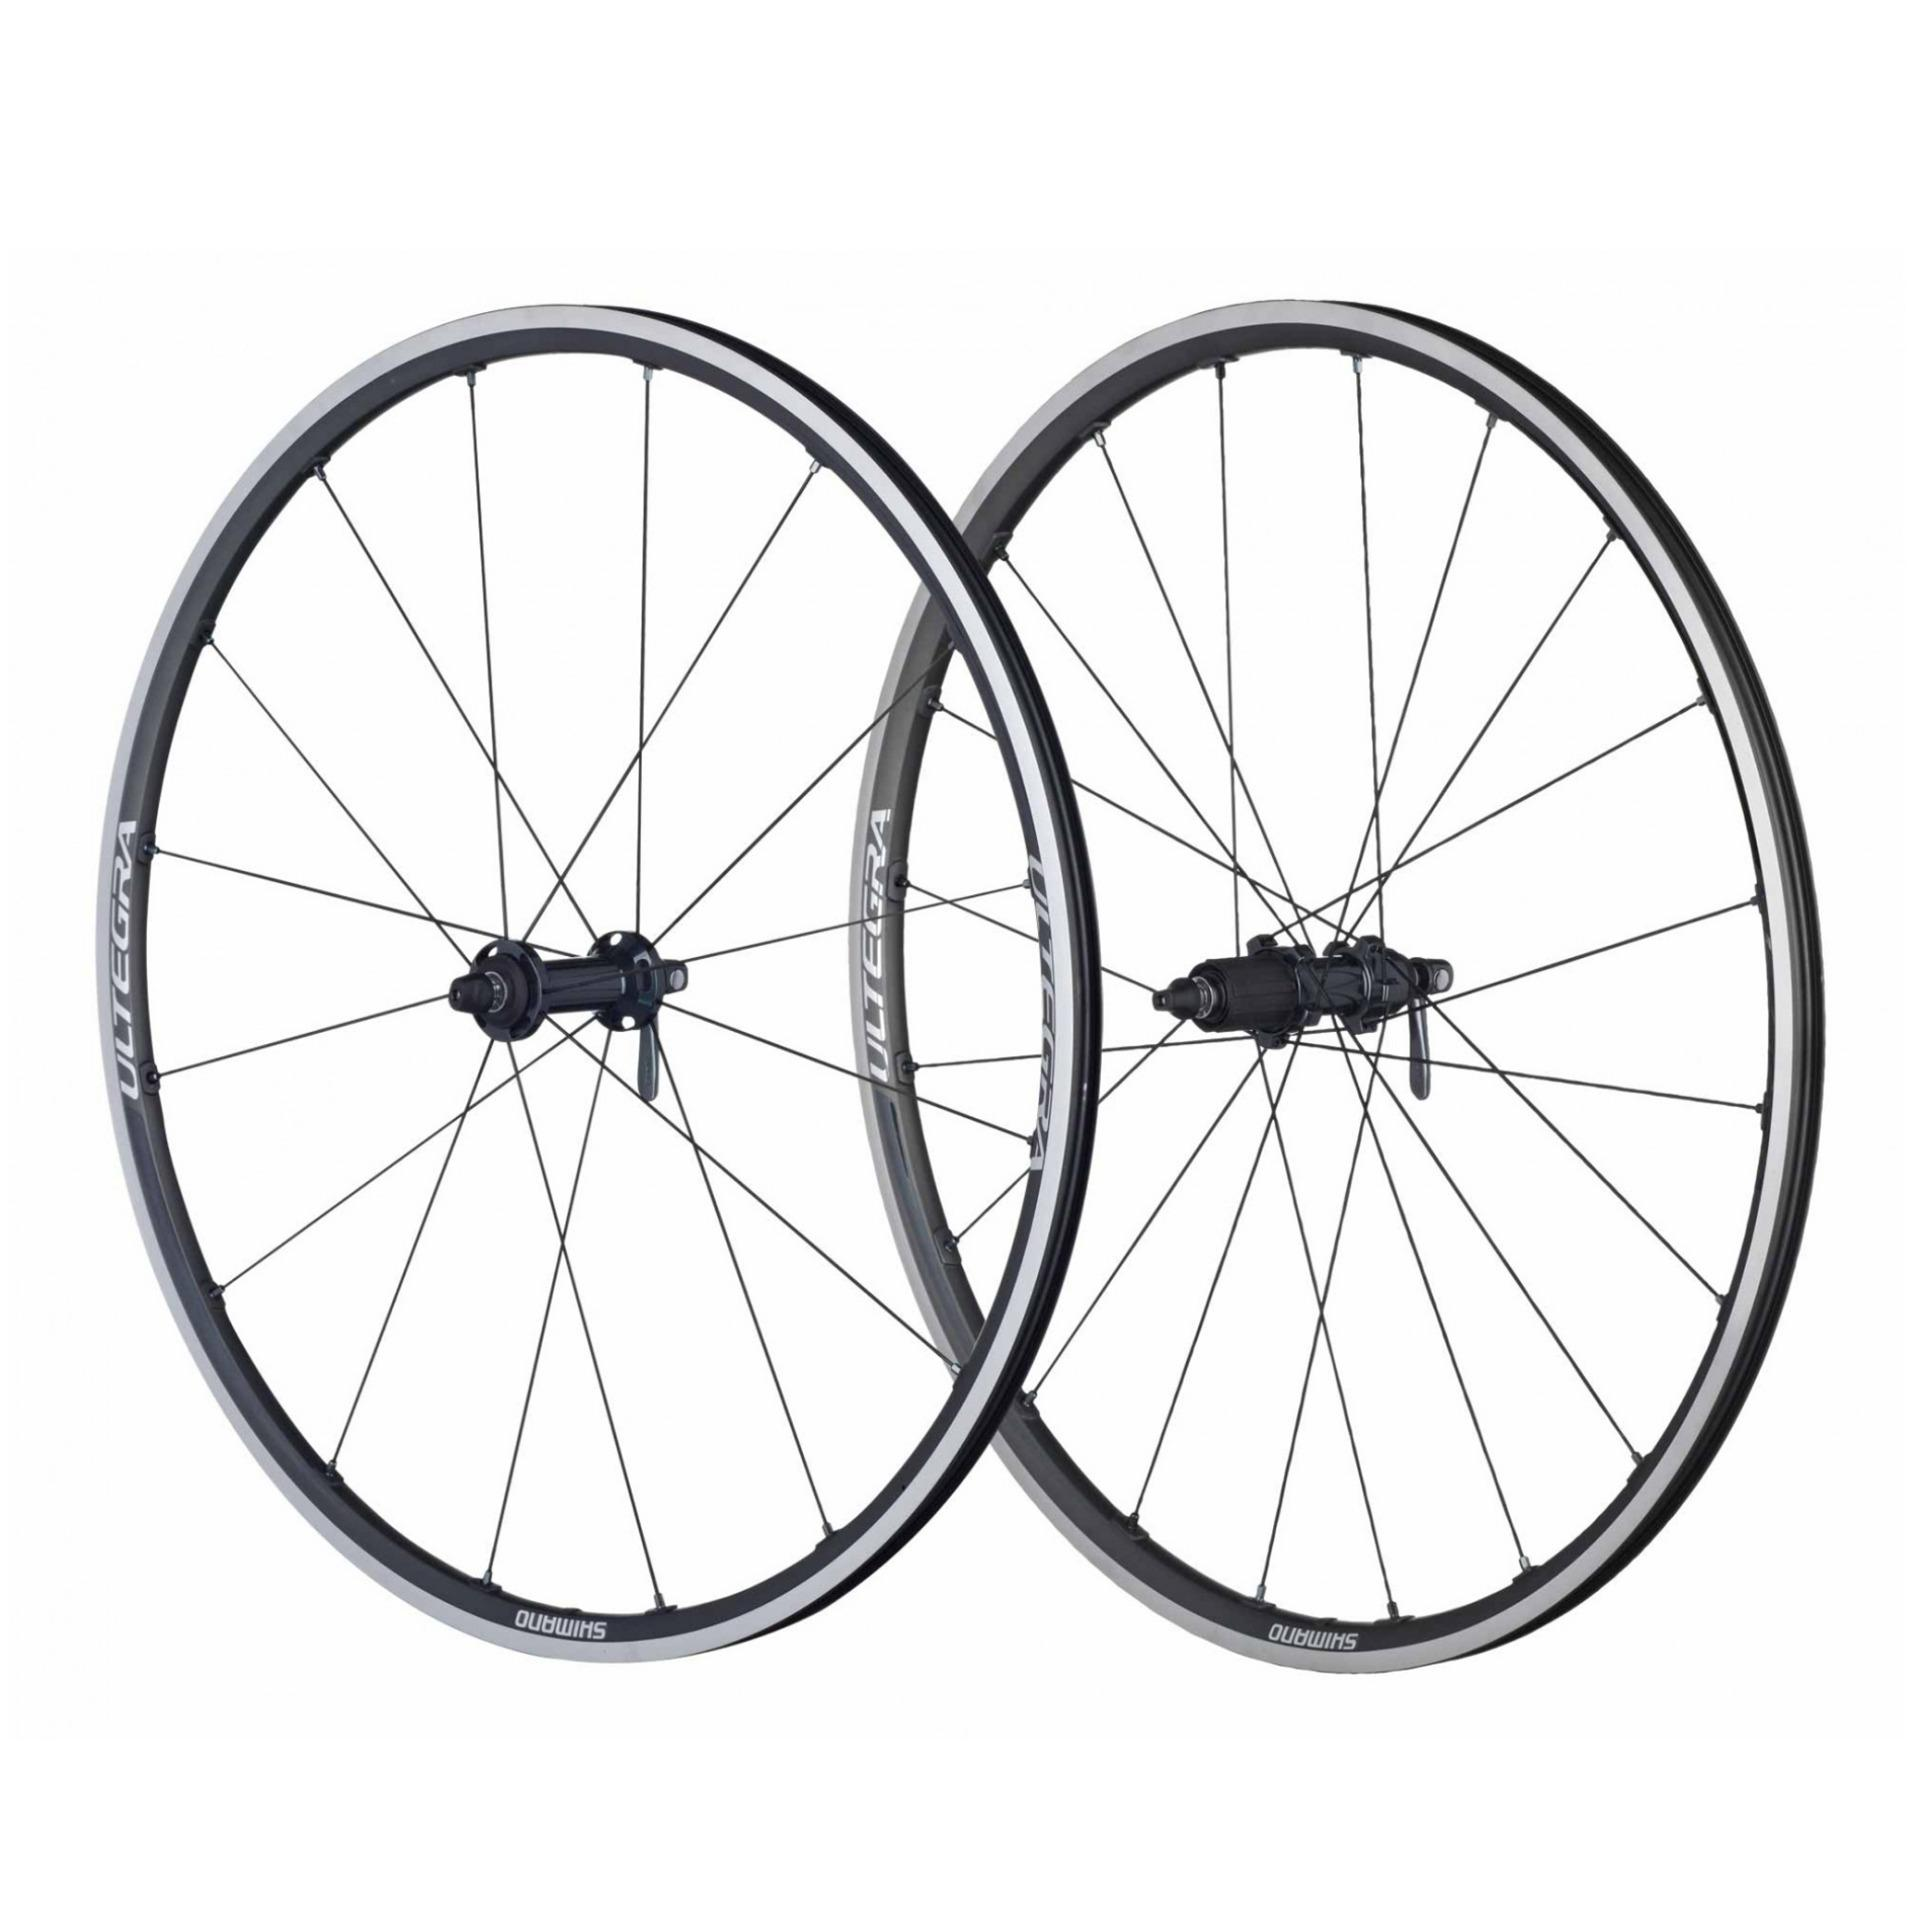 Bánh xe đạp Shimano Ultegra 6800